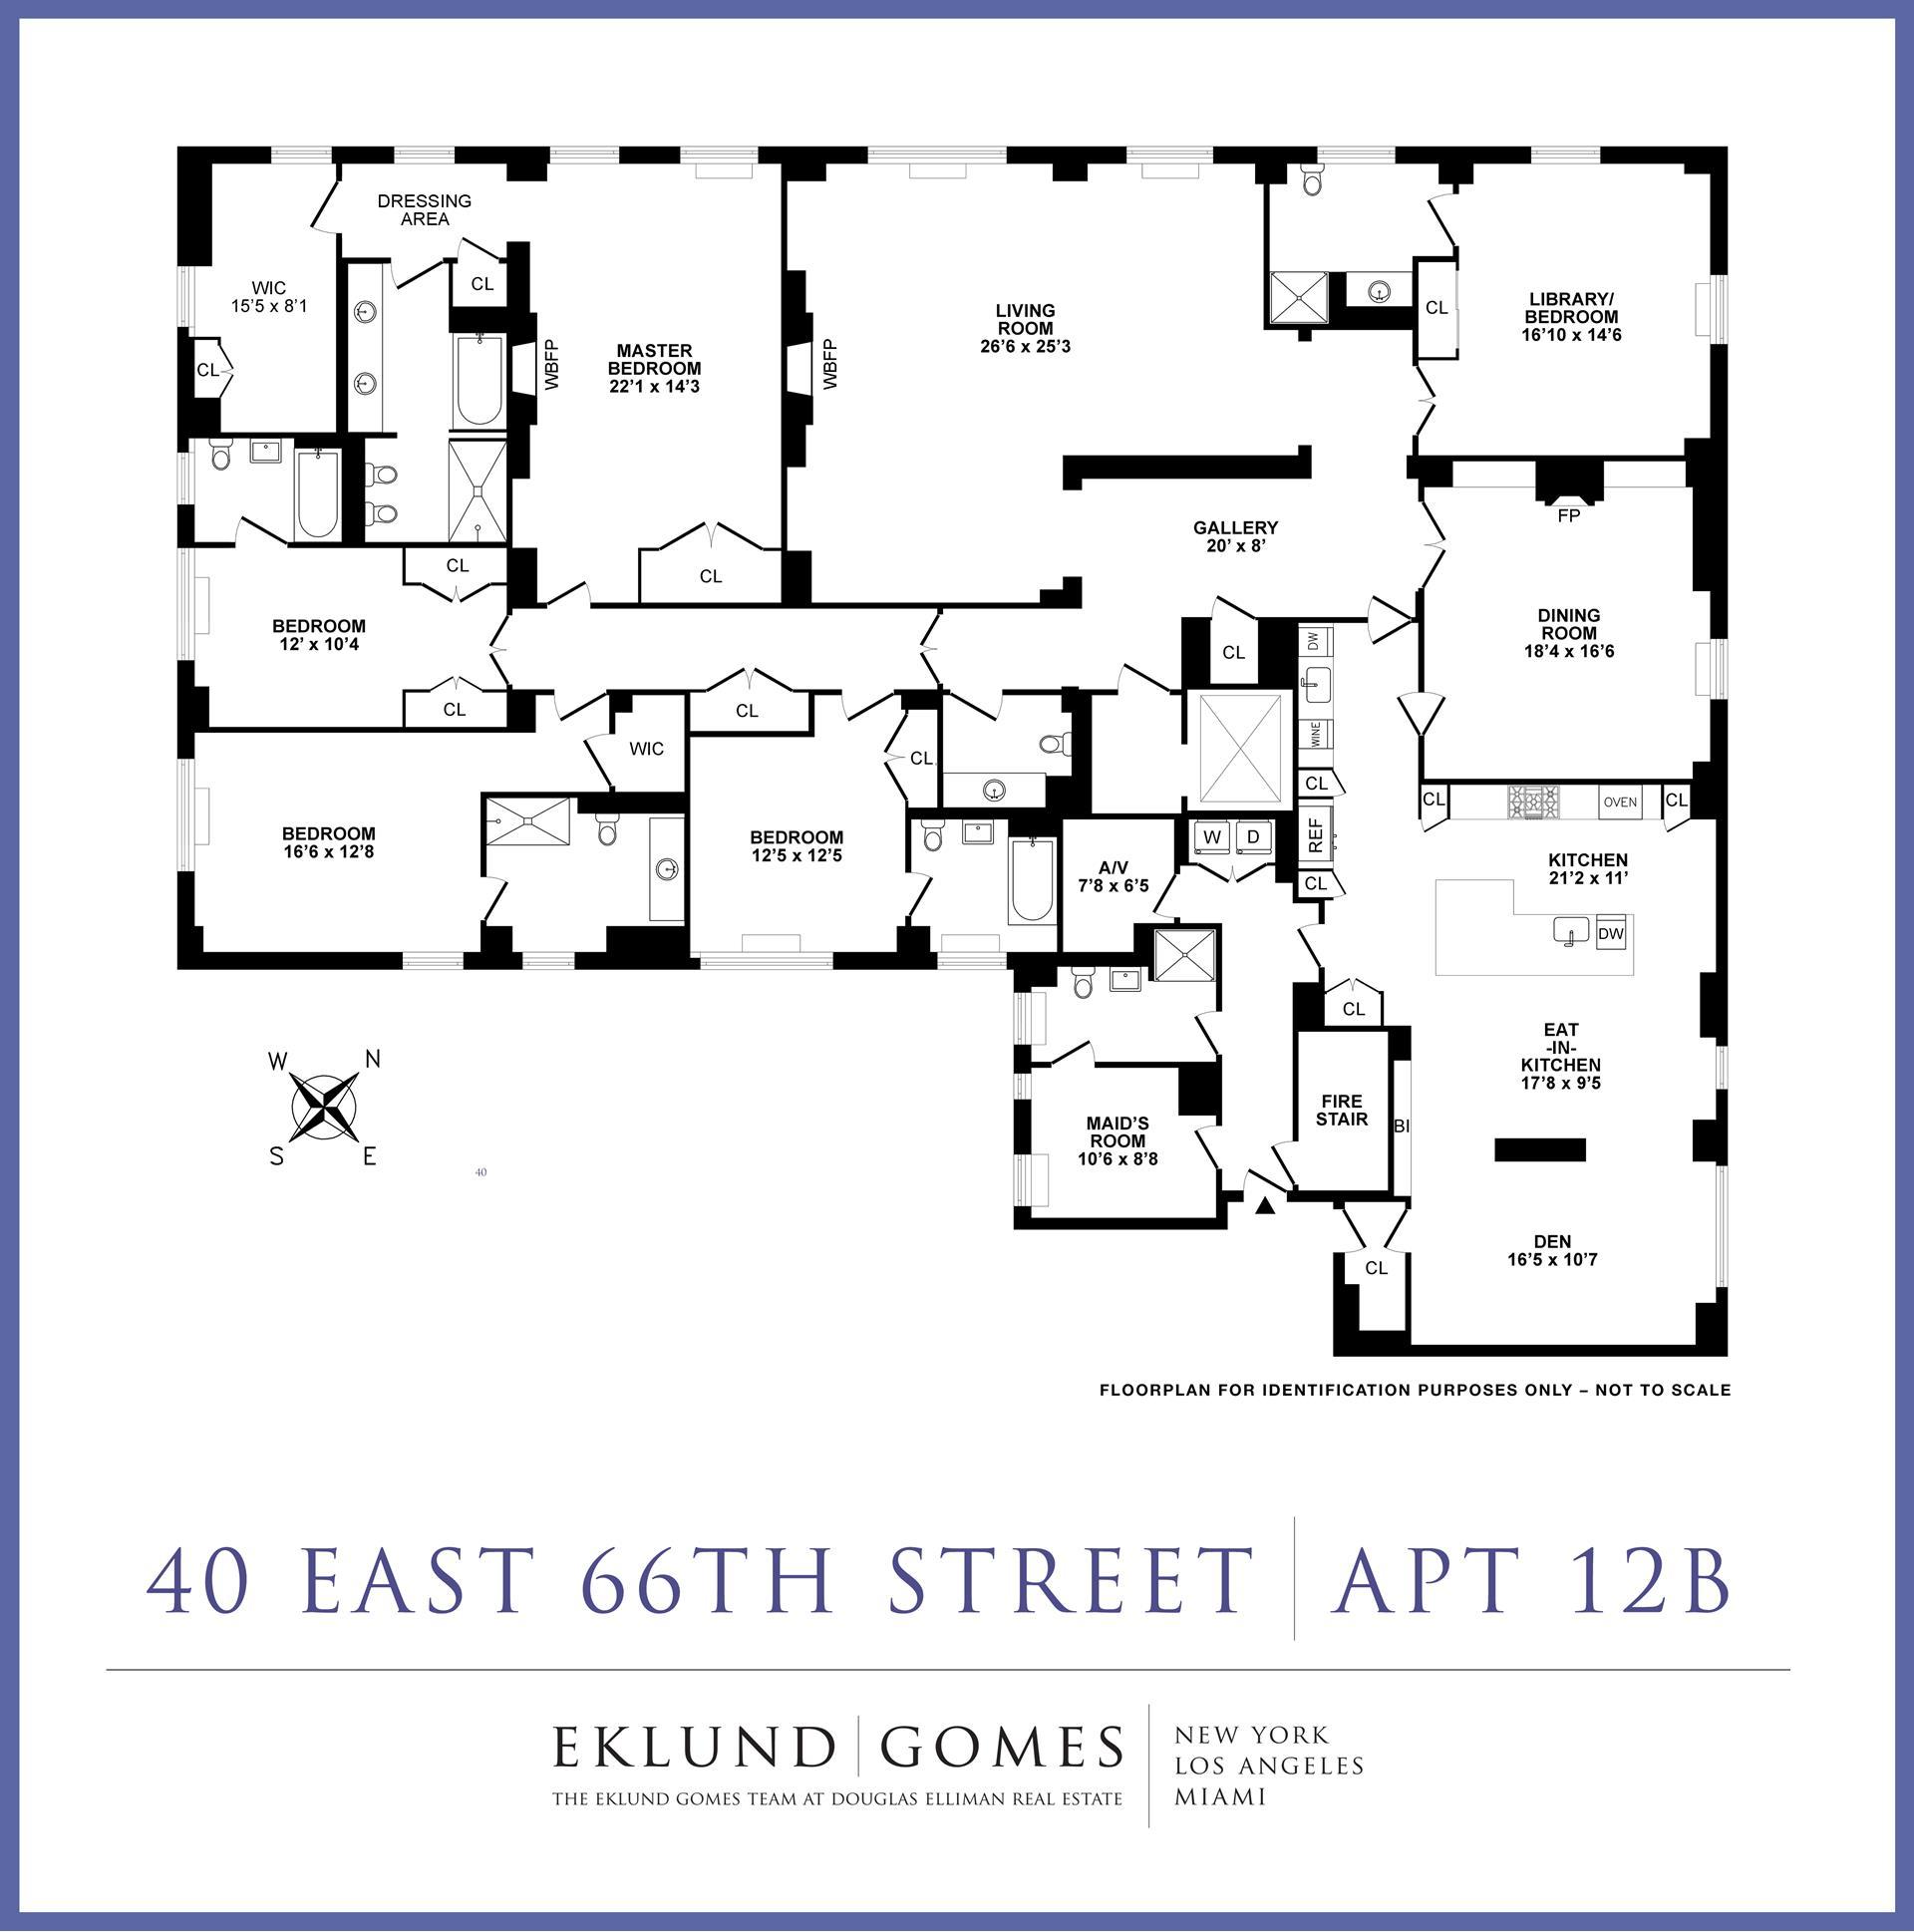 Floor plan of 40 East 66th St, 12B - Upper East Side, New York